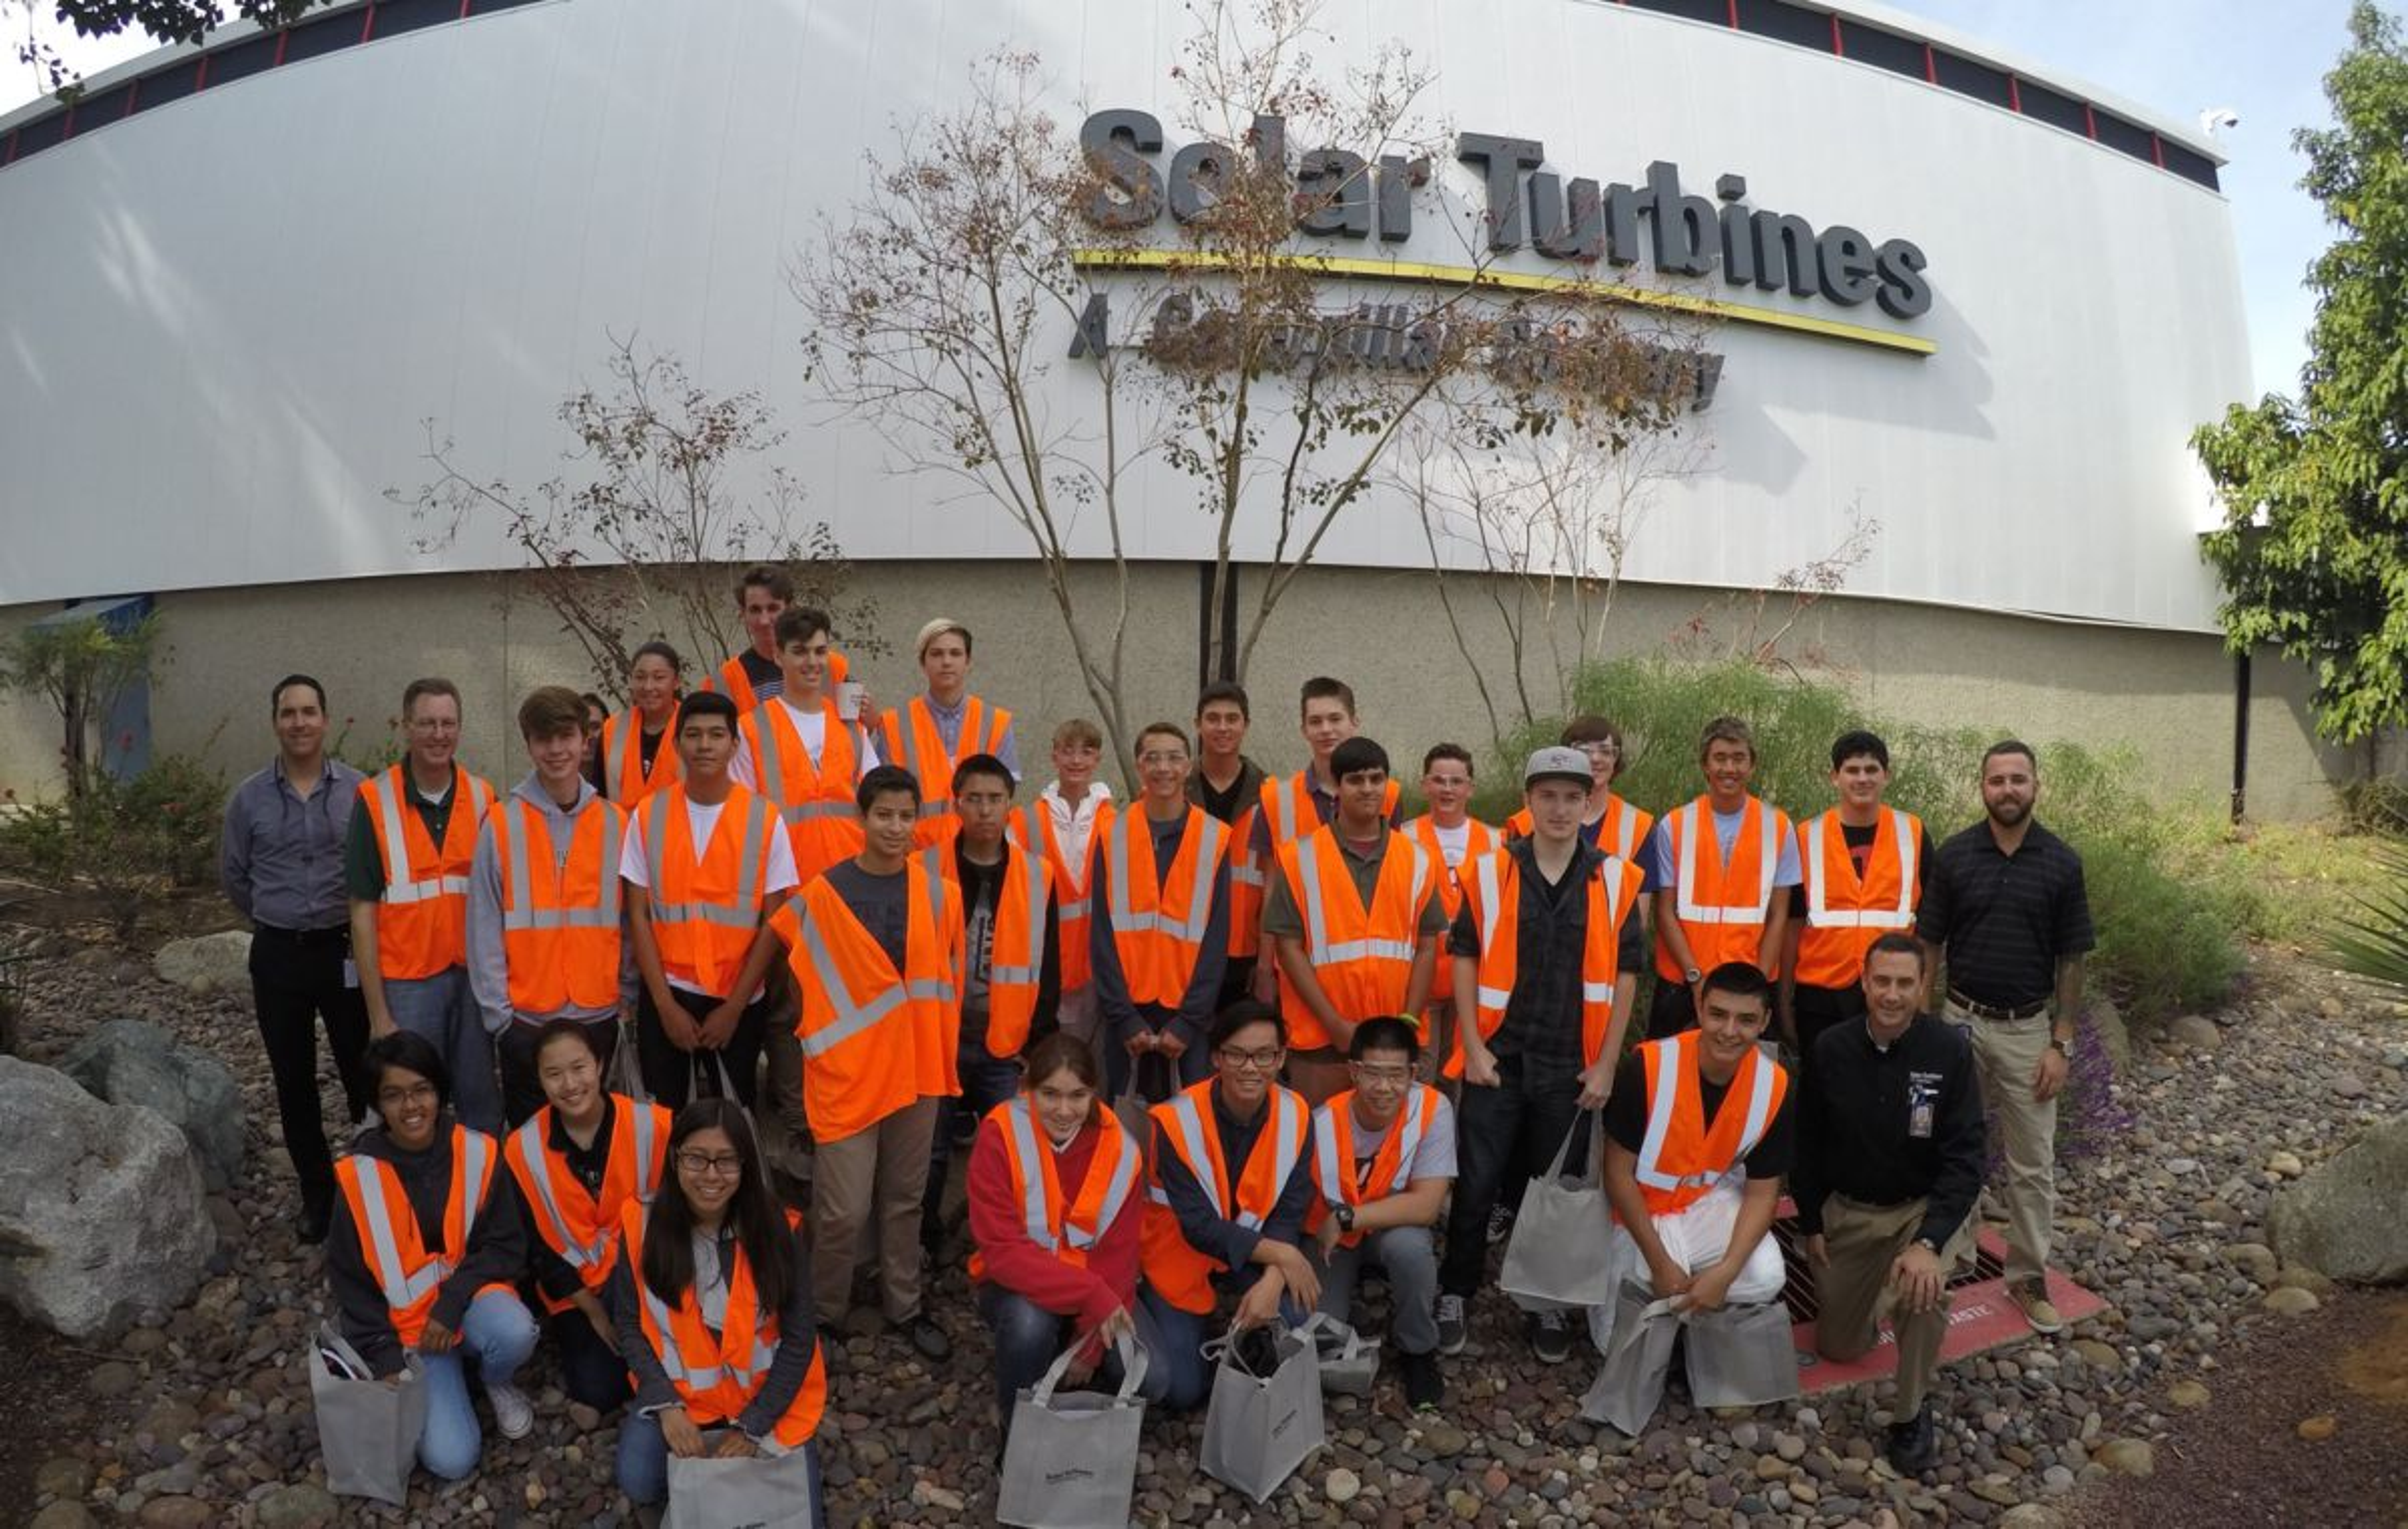 High school students touring Solar Turbines Kearny Mesa facility.